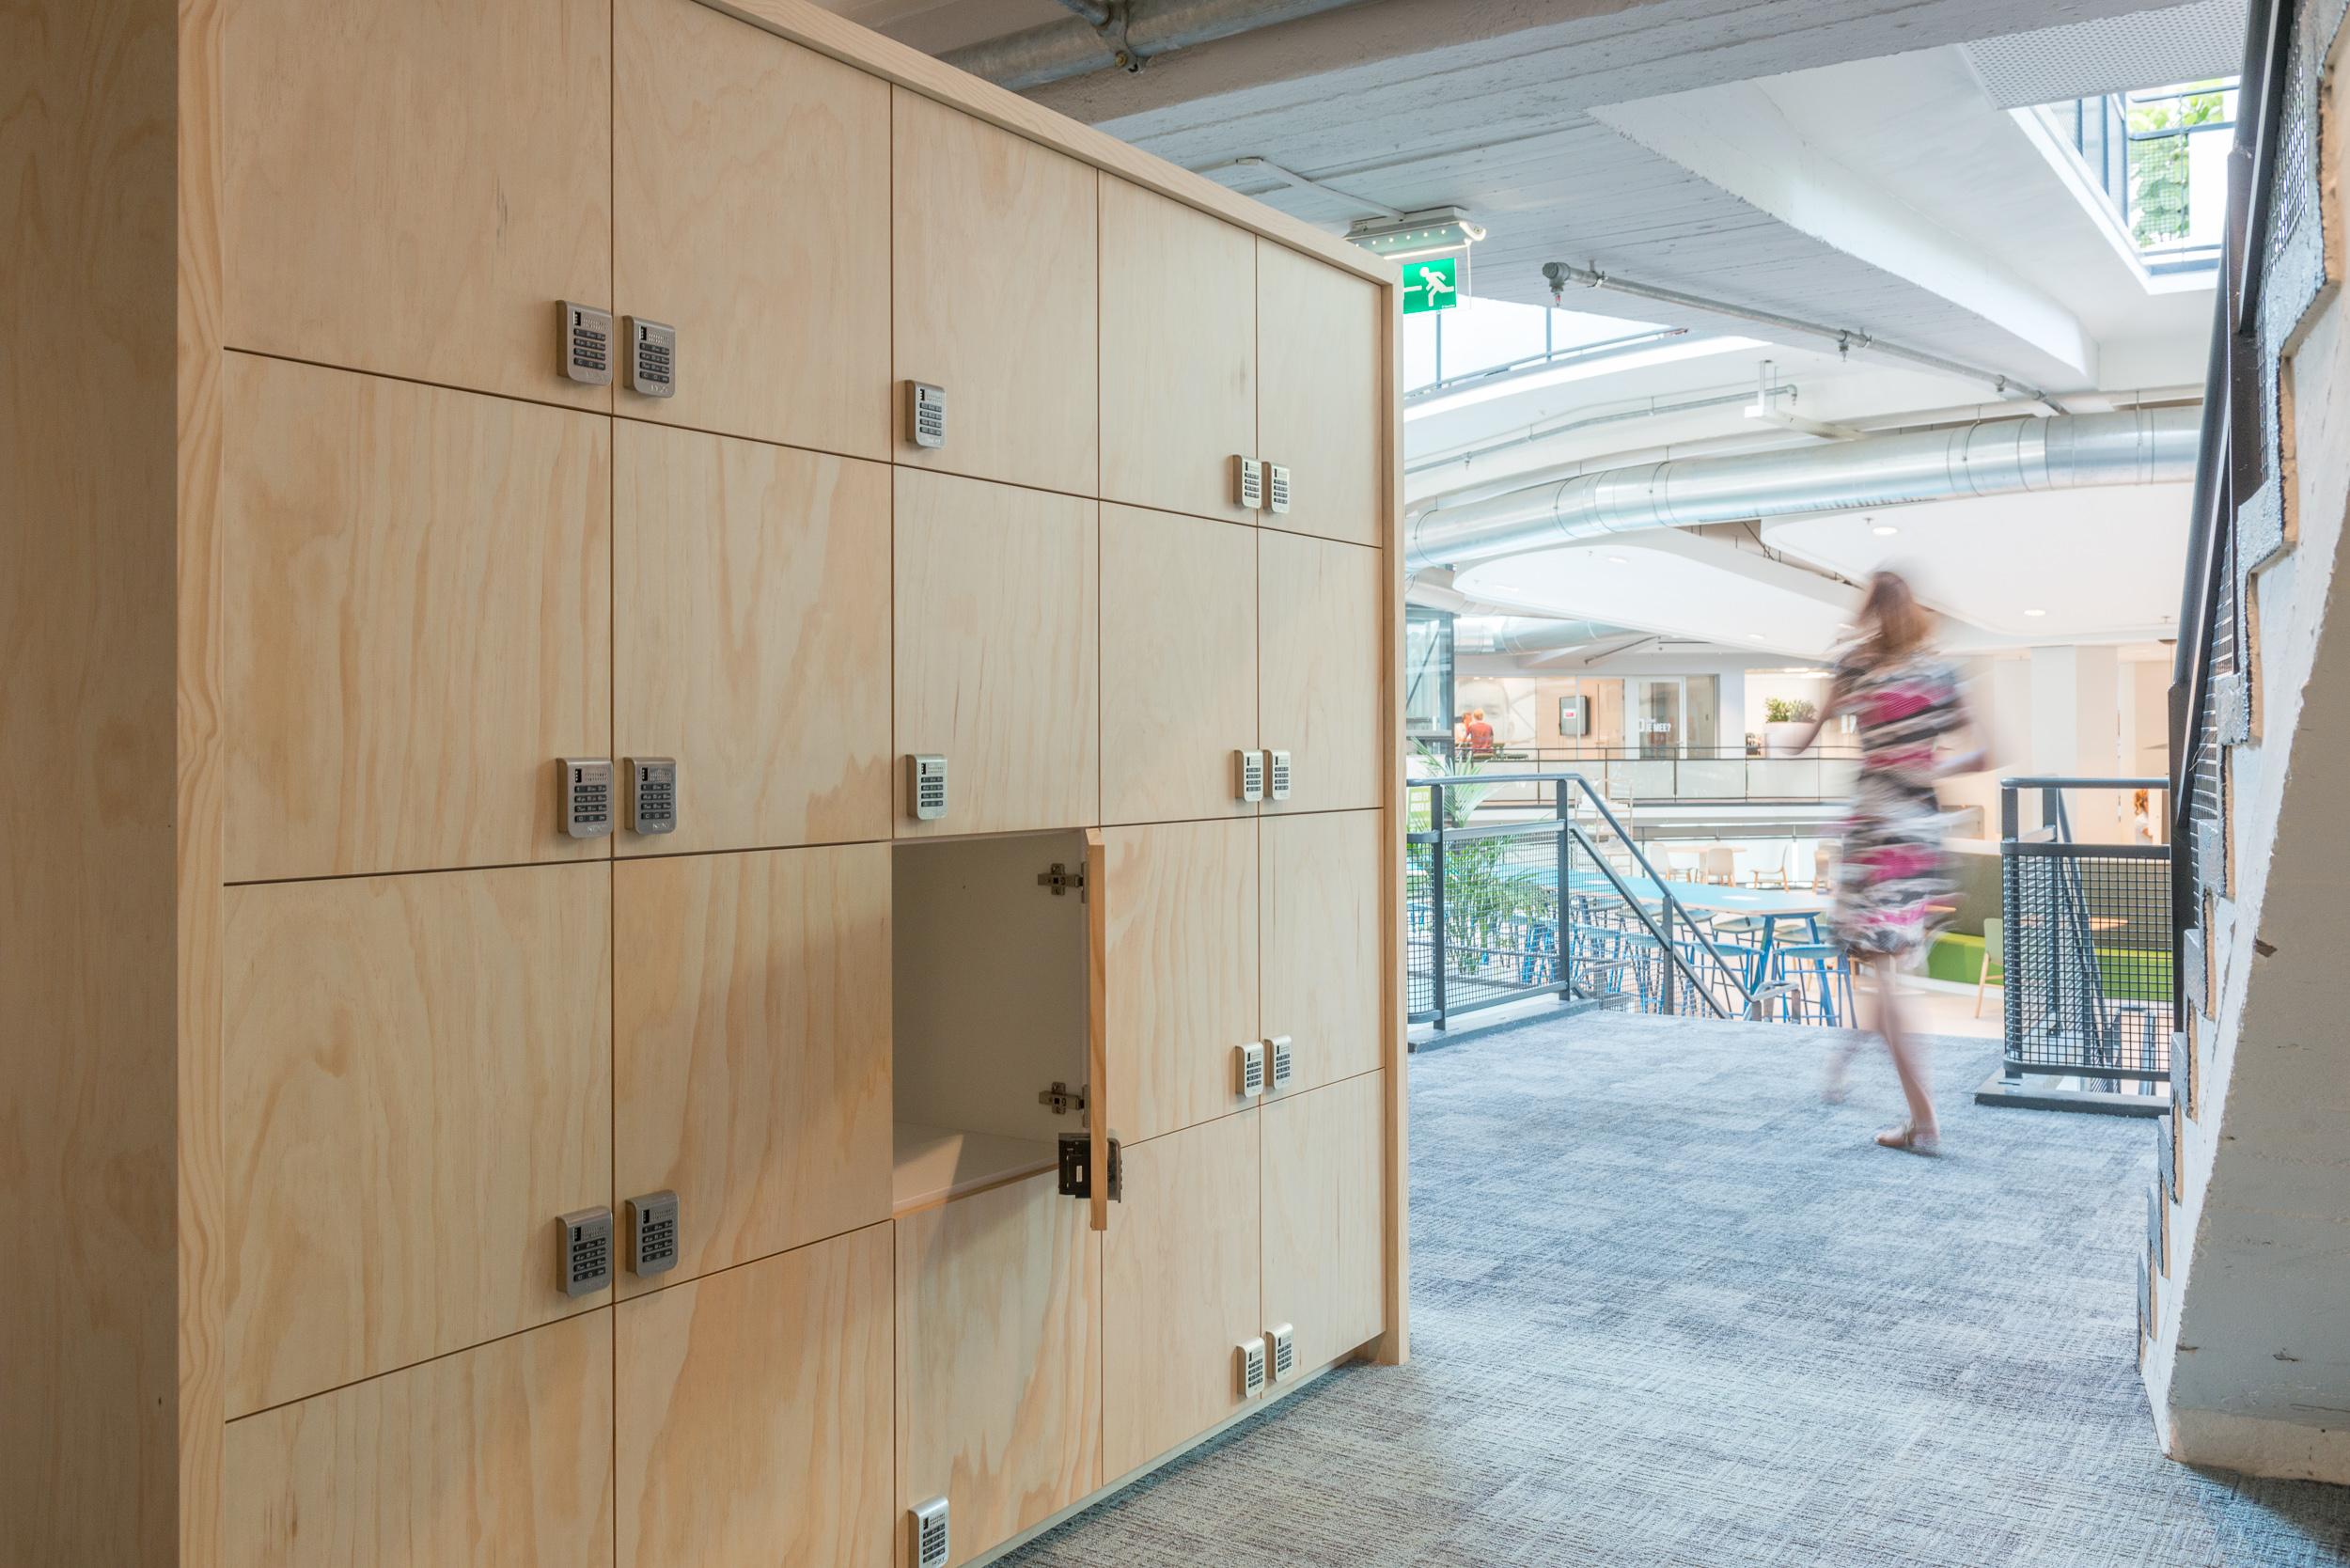 <p>locker meubel in trappenhuis</p>